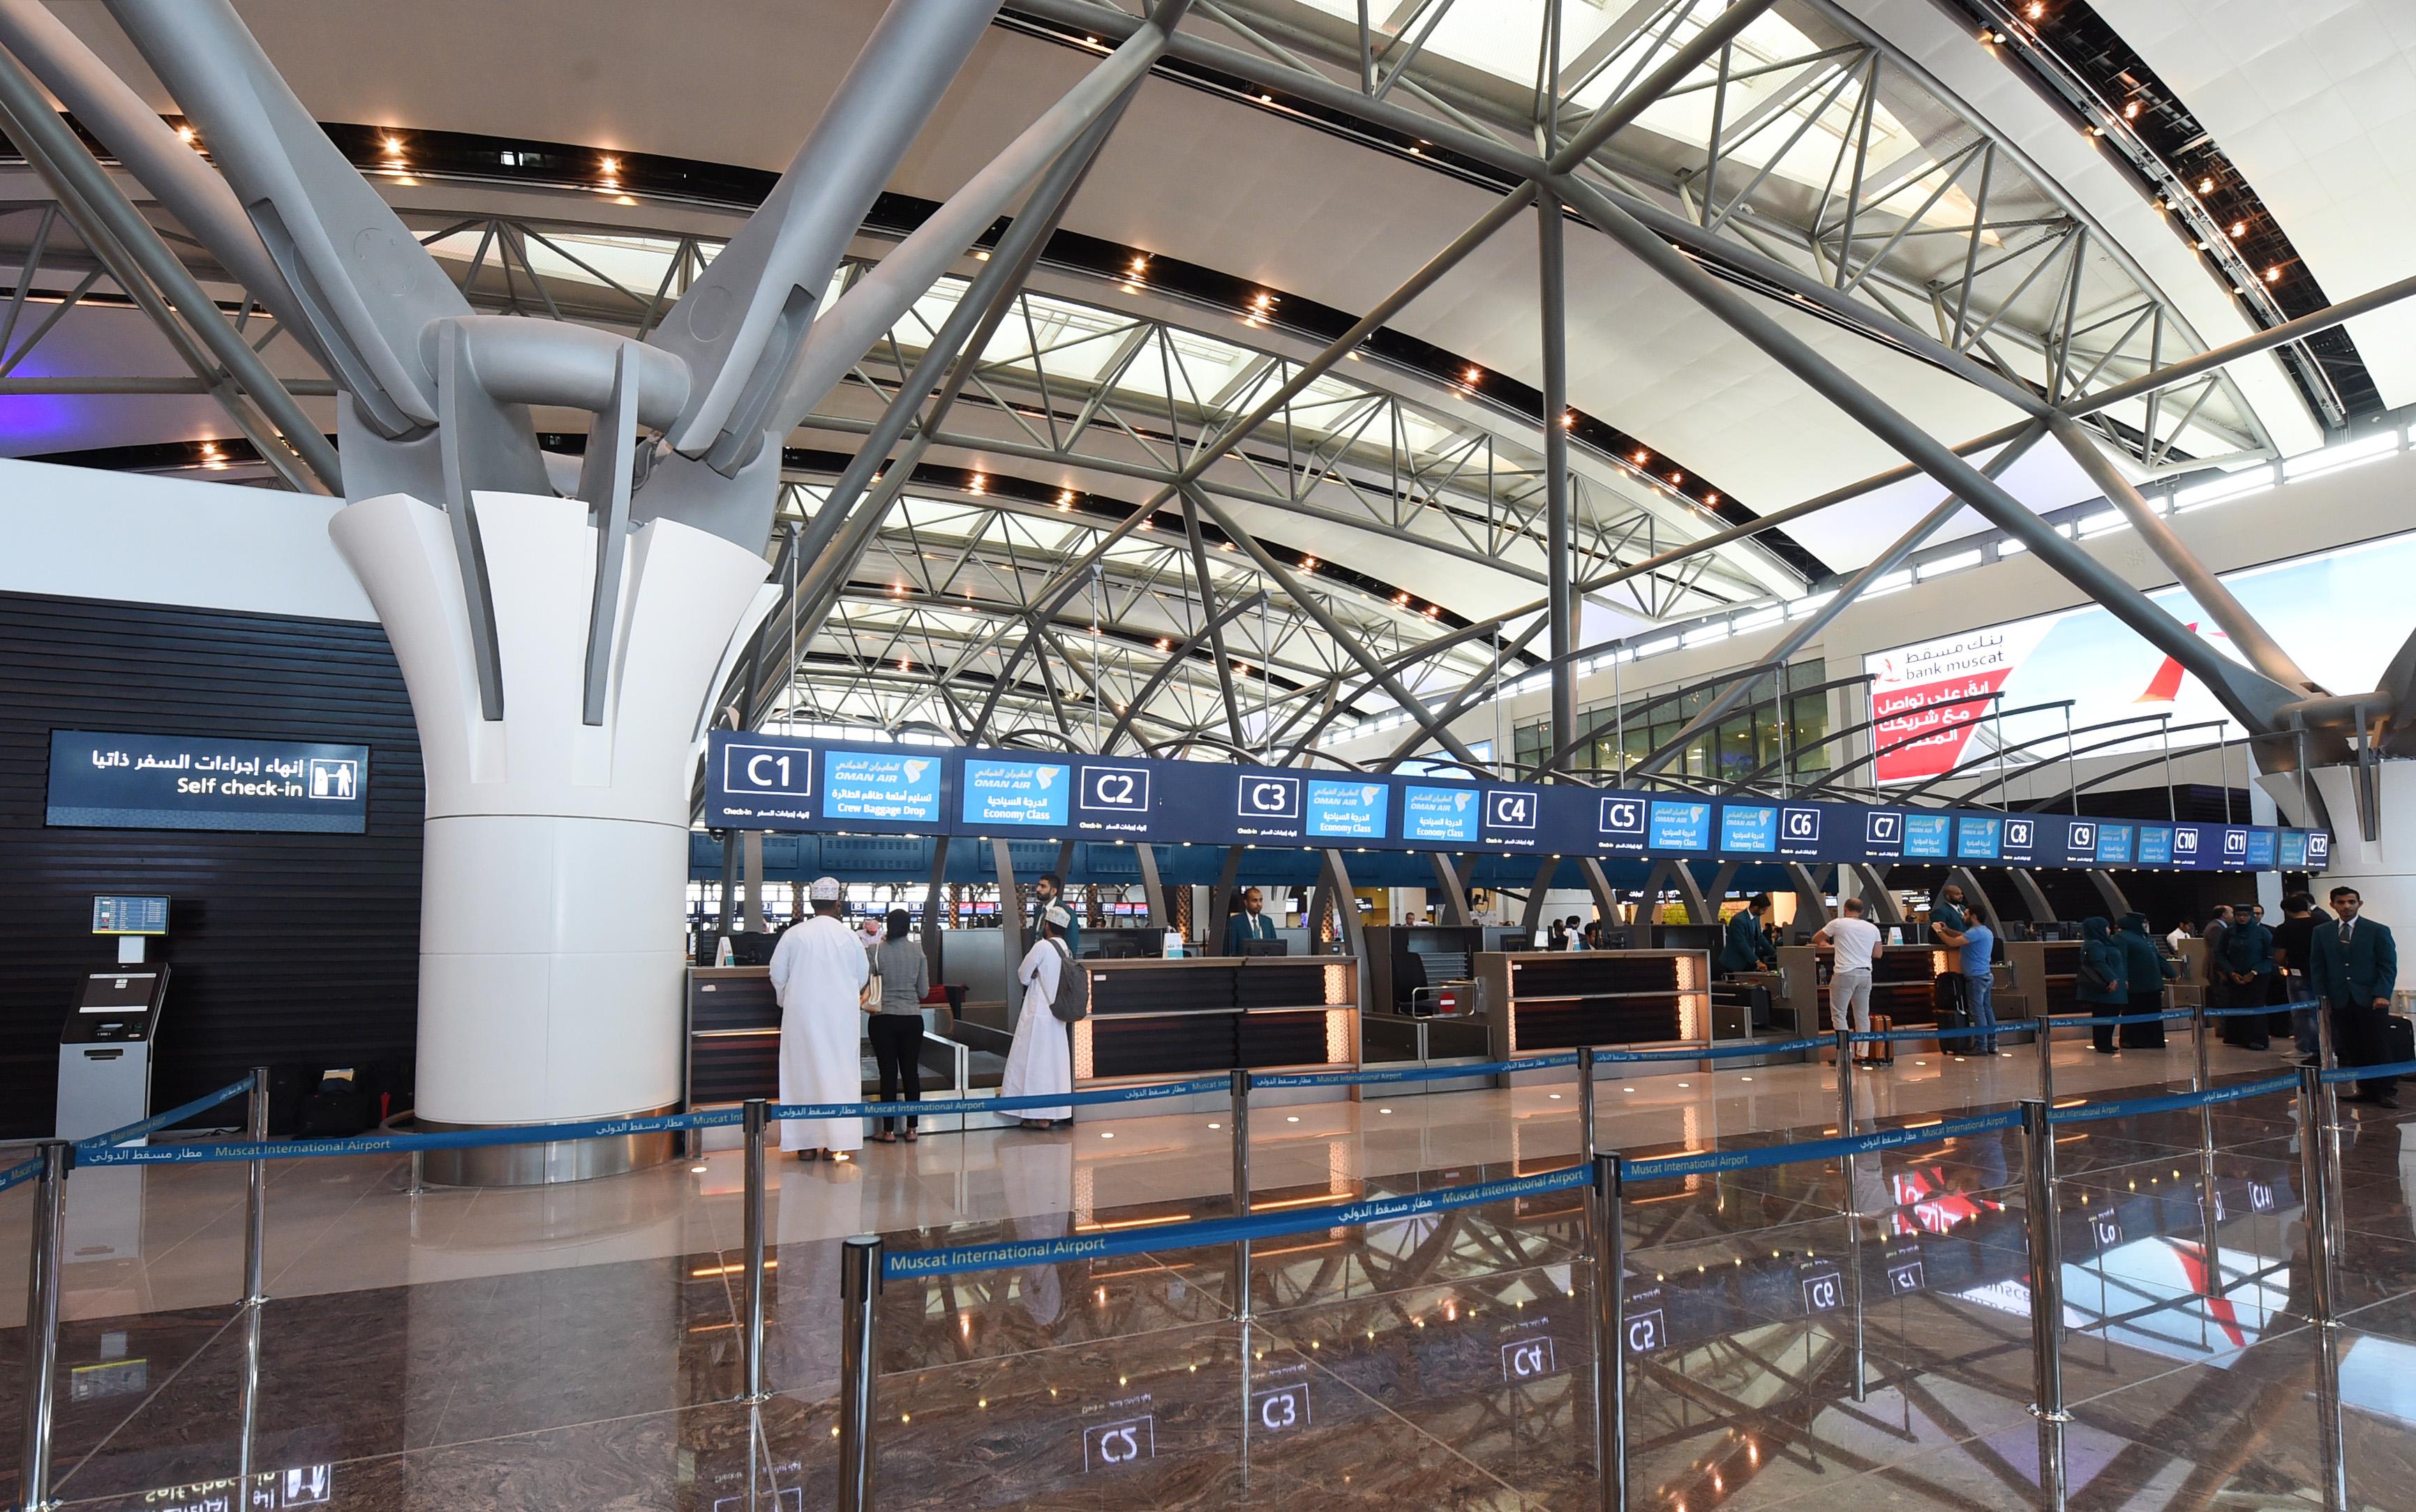 هذا أكثر ما لفت الأنظار في مطار مسقط الجديد ودفع الزوار للانبهار